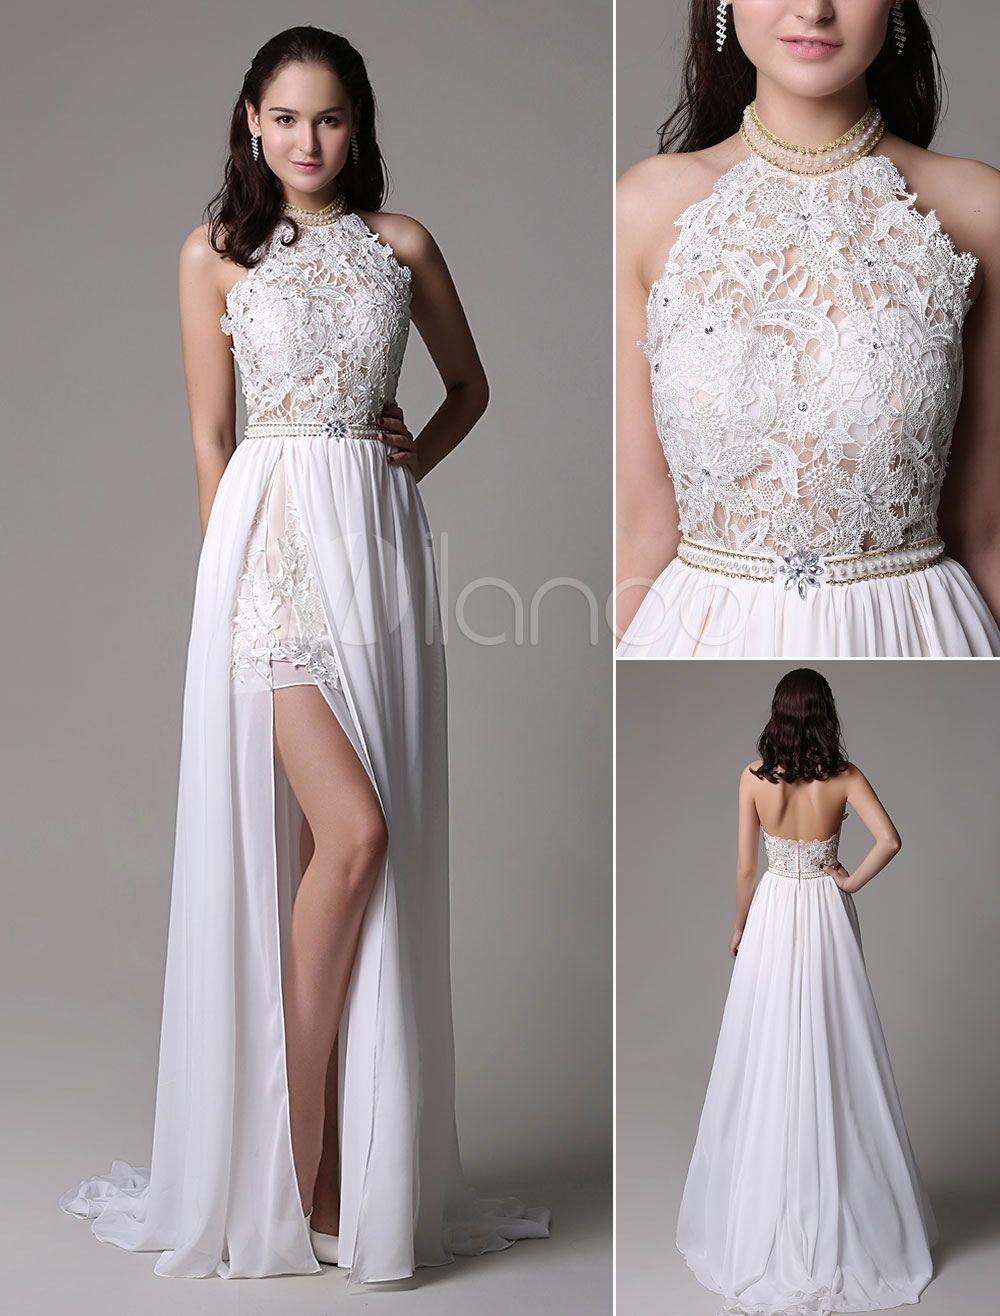 20 Großartig Kleid Weiß Elegant für 2019Abend Einfach Kleid Weiß Elegant Galerie